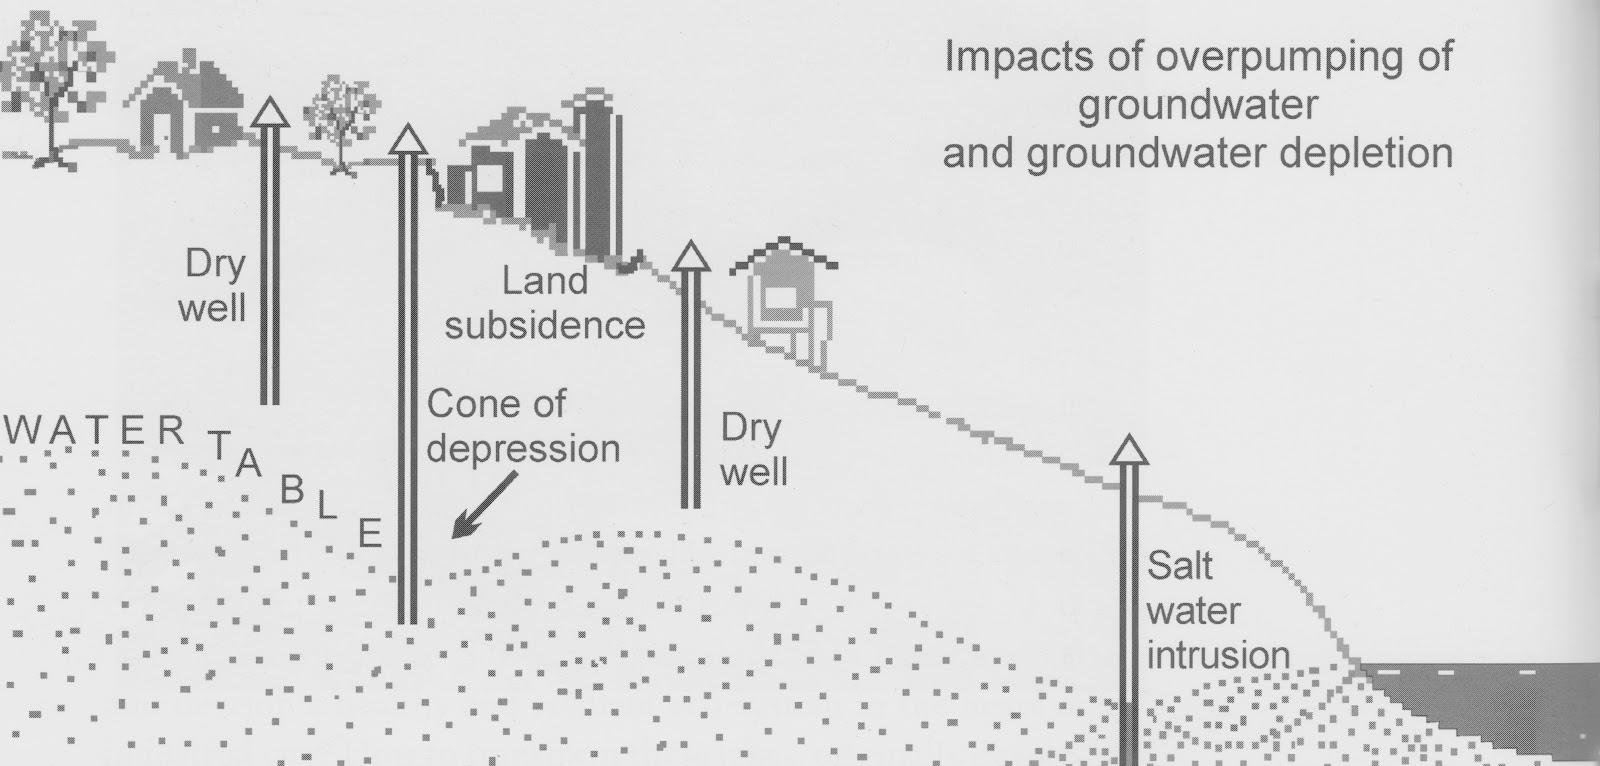 Water table menjadi kurang stabil akibat adanya saltwater dari laut dan penggunaan air yang berlebihan oleh bangunan-bangunan diatas tanah